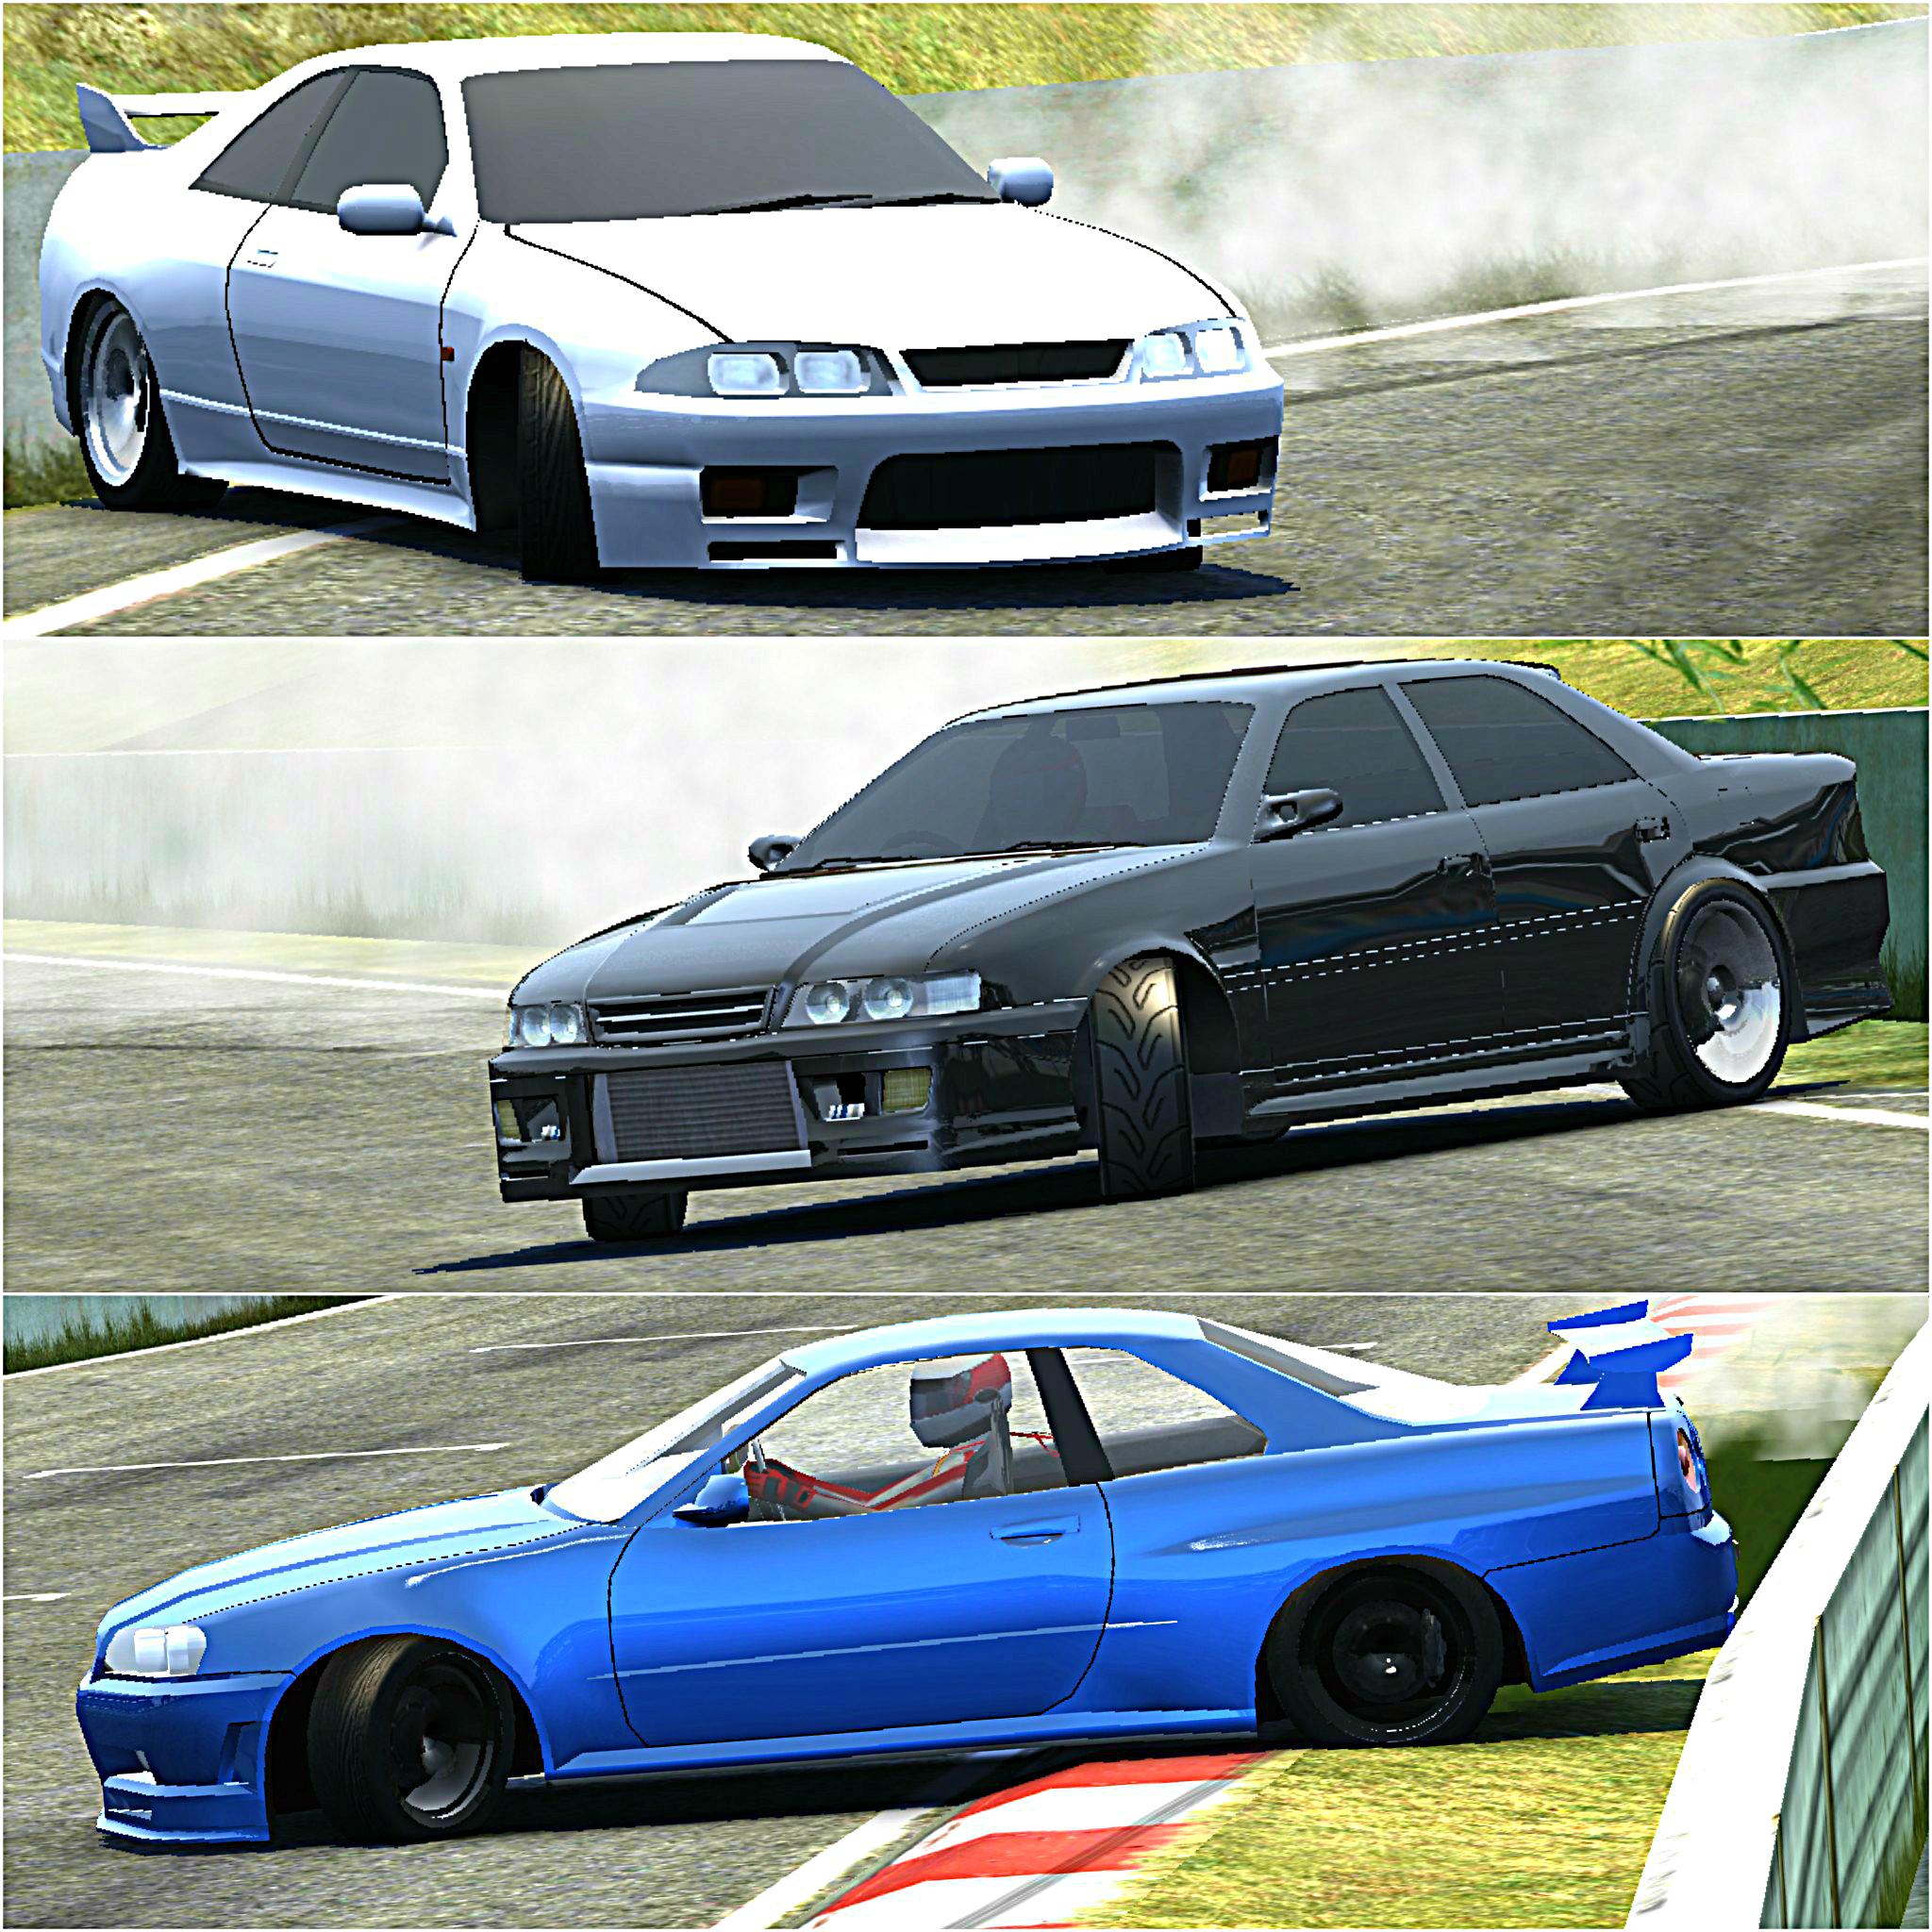 Car X Drift Racing Best Cars By On Deviantart